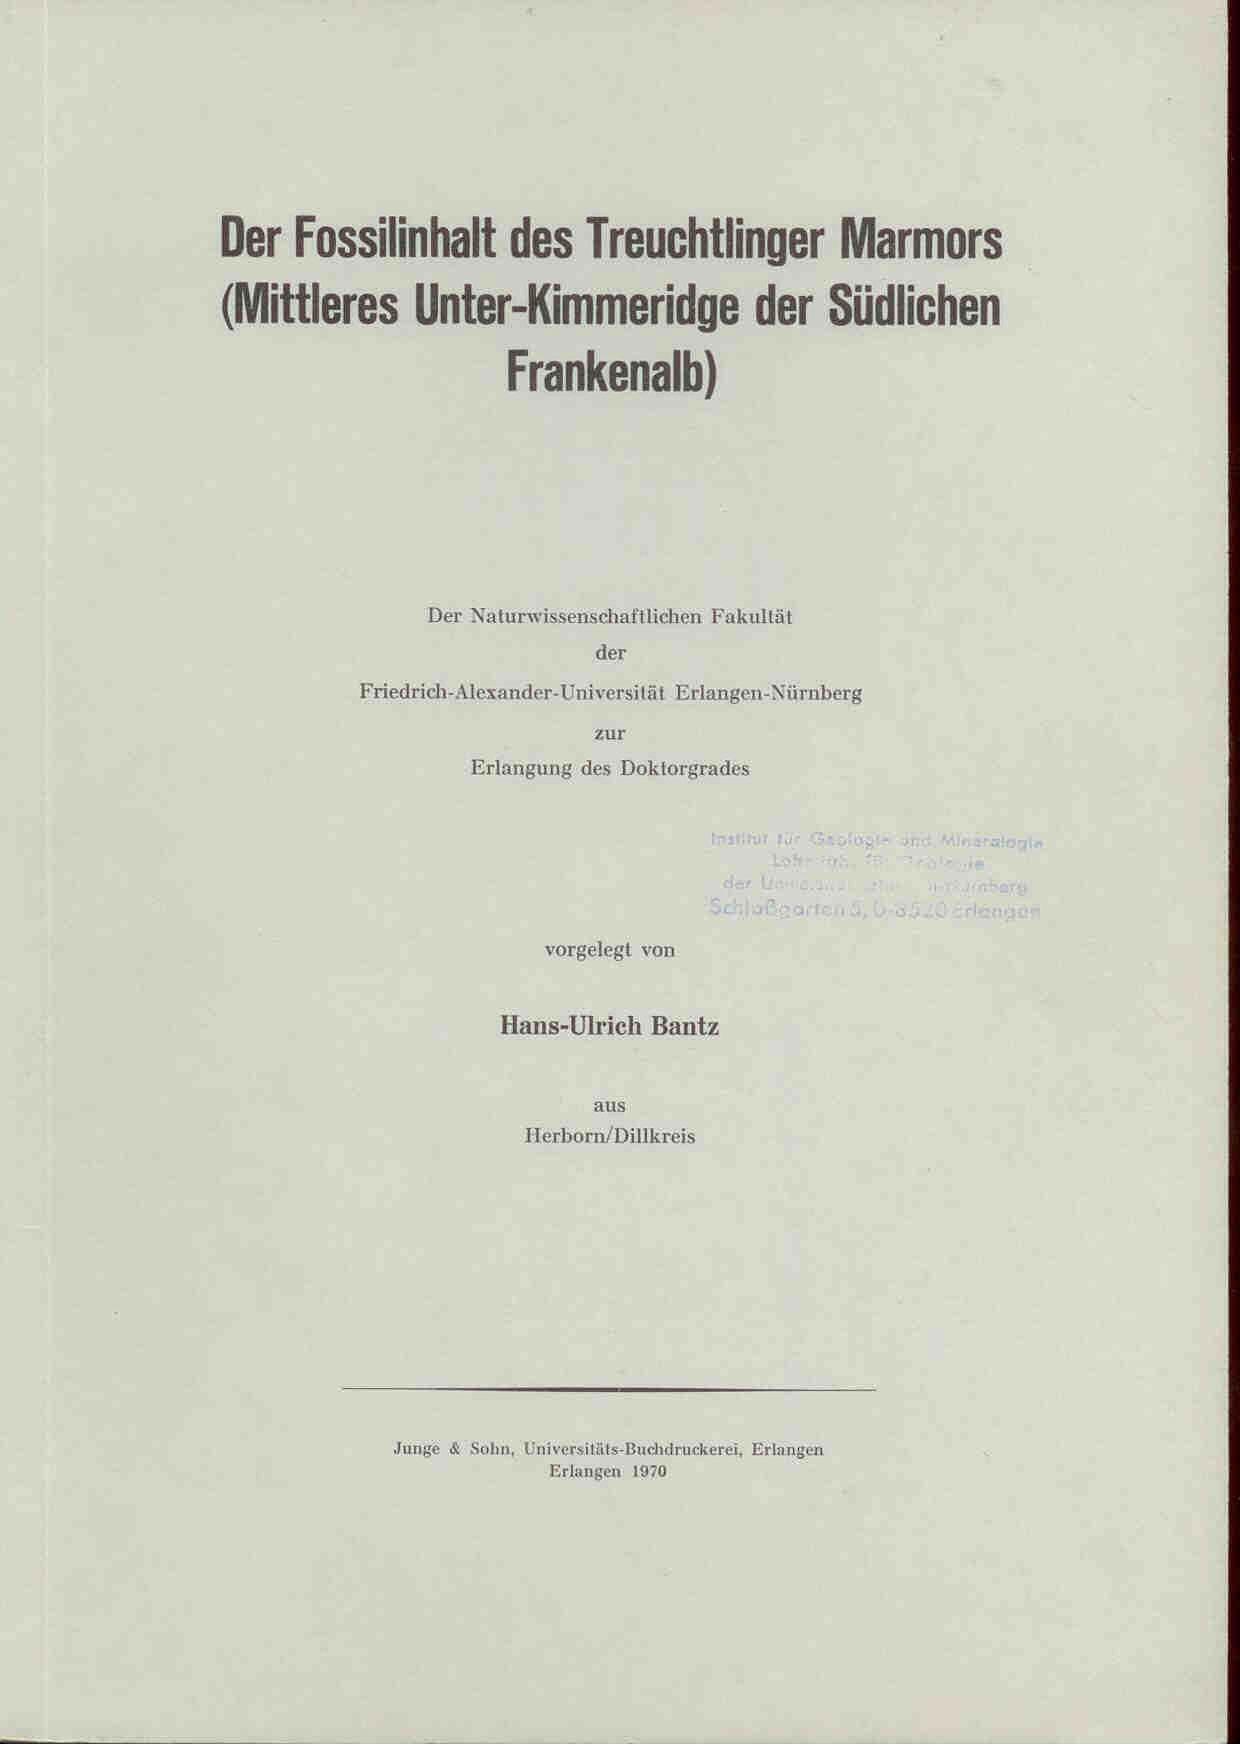 BANTZ, H.-U.:Der Fossilinhalt des Treuchtlinger Marmors (Mittleres Unter-Kimmeridge der Südlichen Frankenalb).